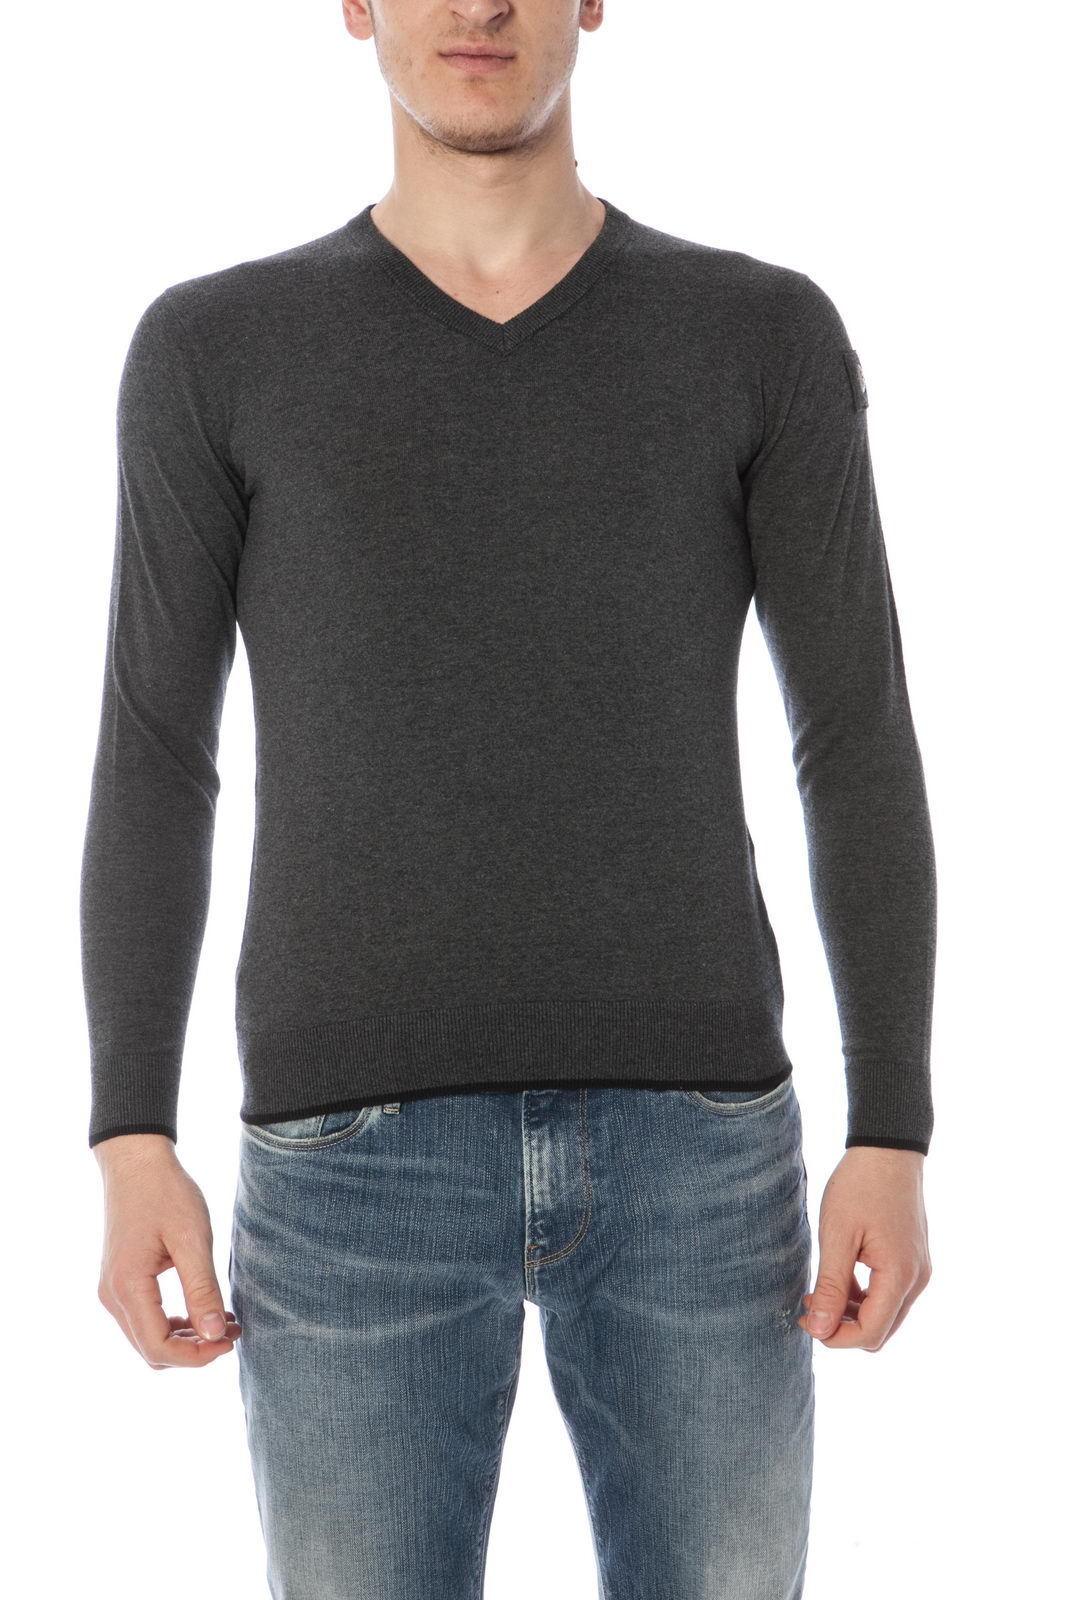 Maglia Maglietta Armani Jeans AJ Sweater Pullover Cotone  Herren Grigio U6W75TT F2